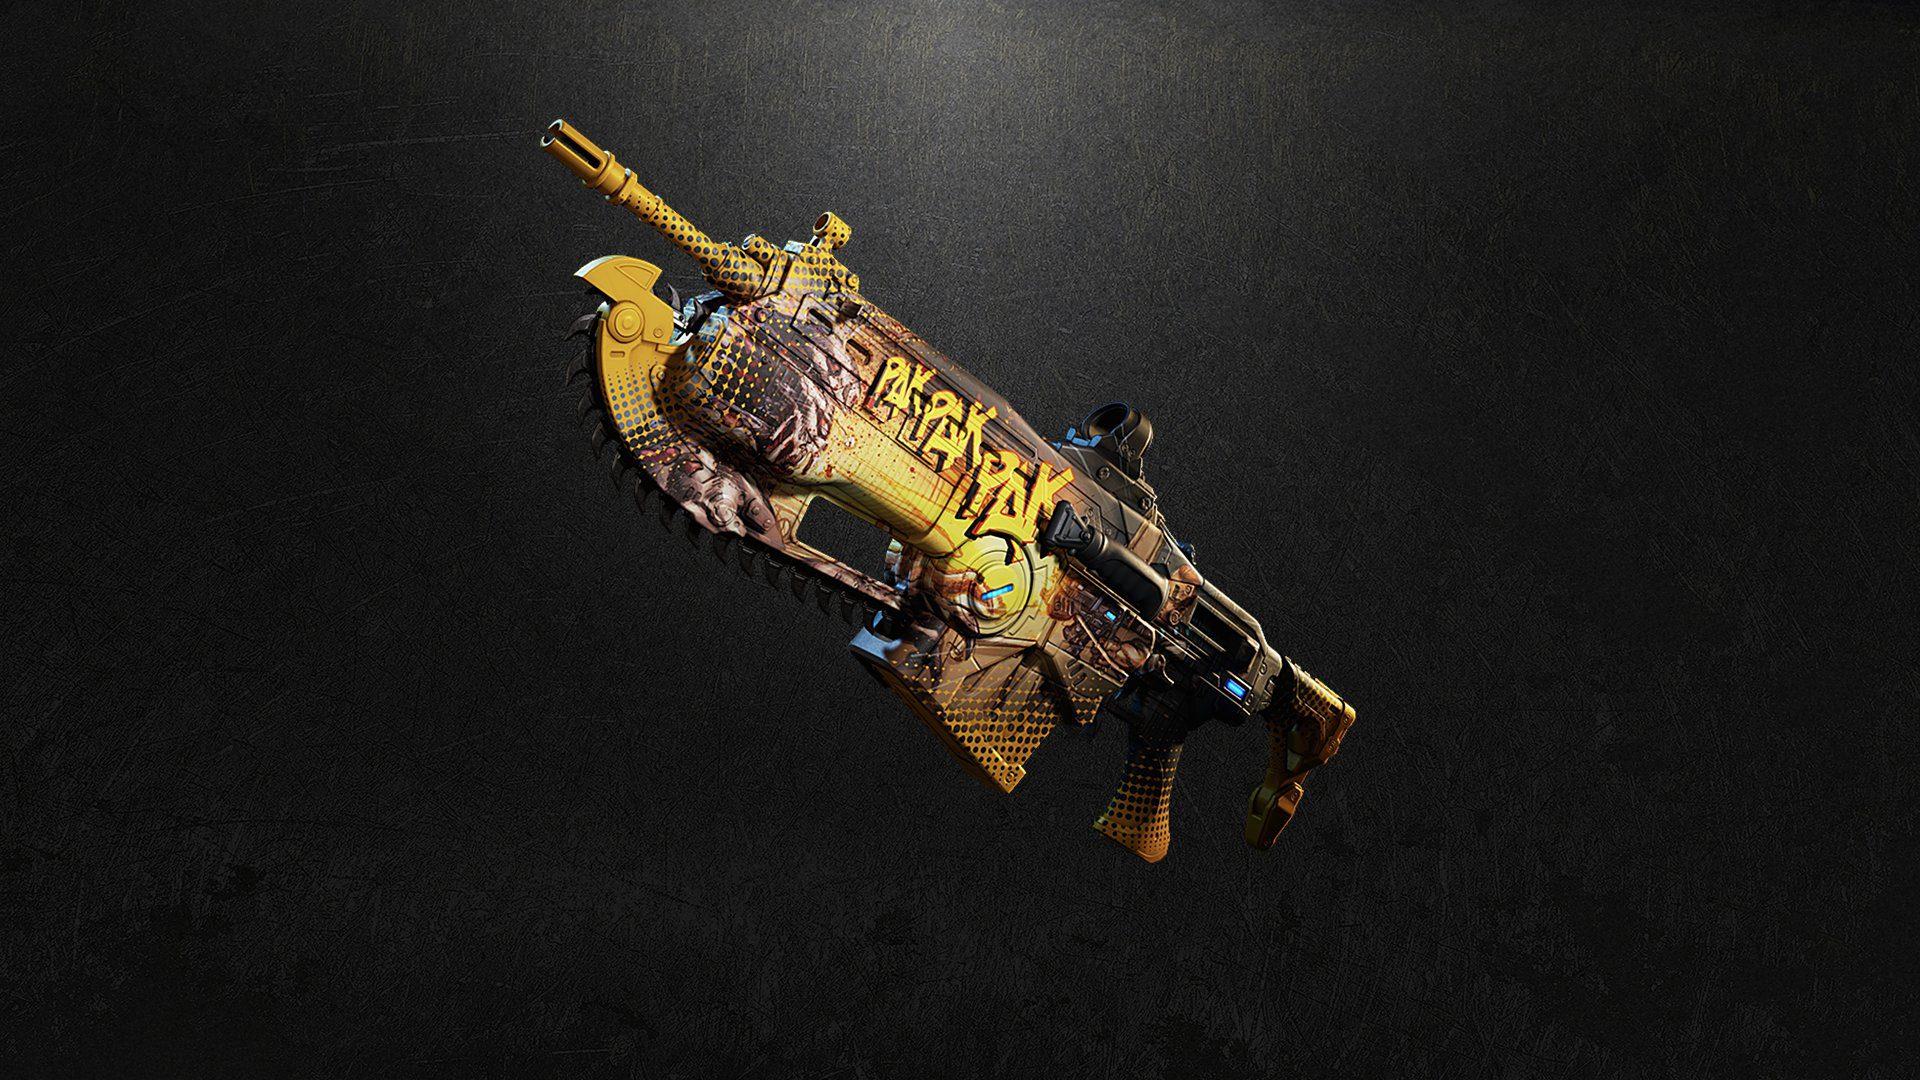 Consigue este set de skins para armas en Gears 5 completando estos desafíos